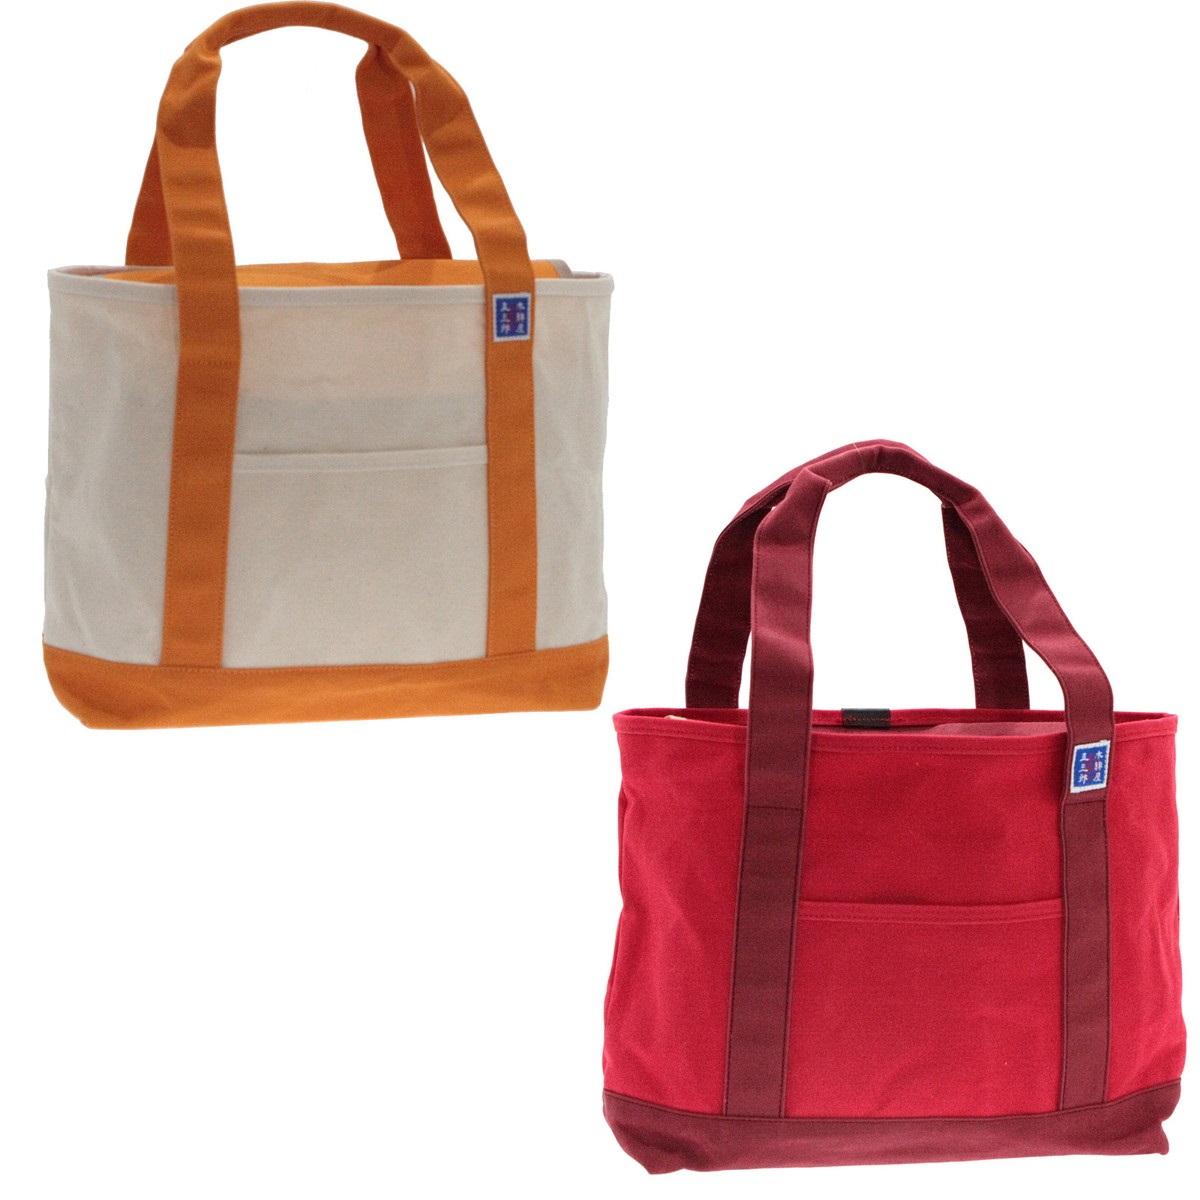 おしゃれ デザイン 日本 帆布 かばん 鞄 蓋 内蓋付き帆布鞄小 生成り 日本製